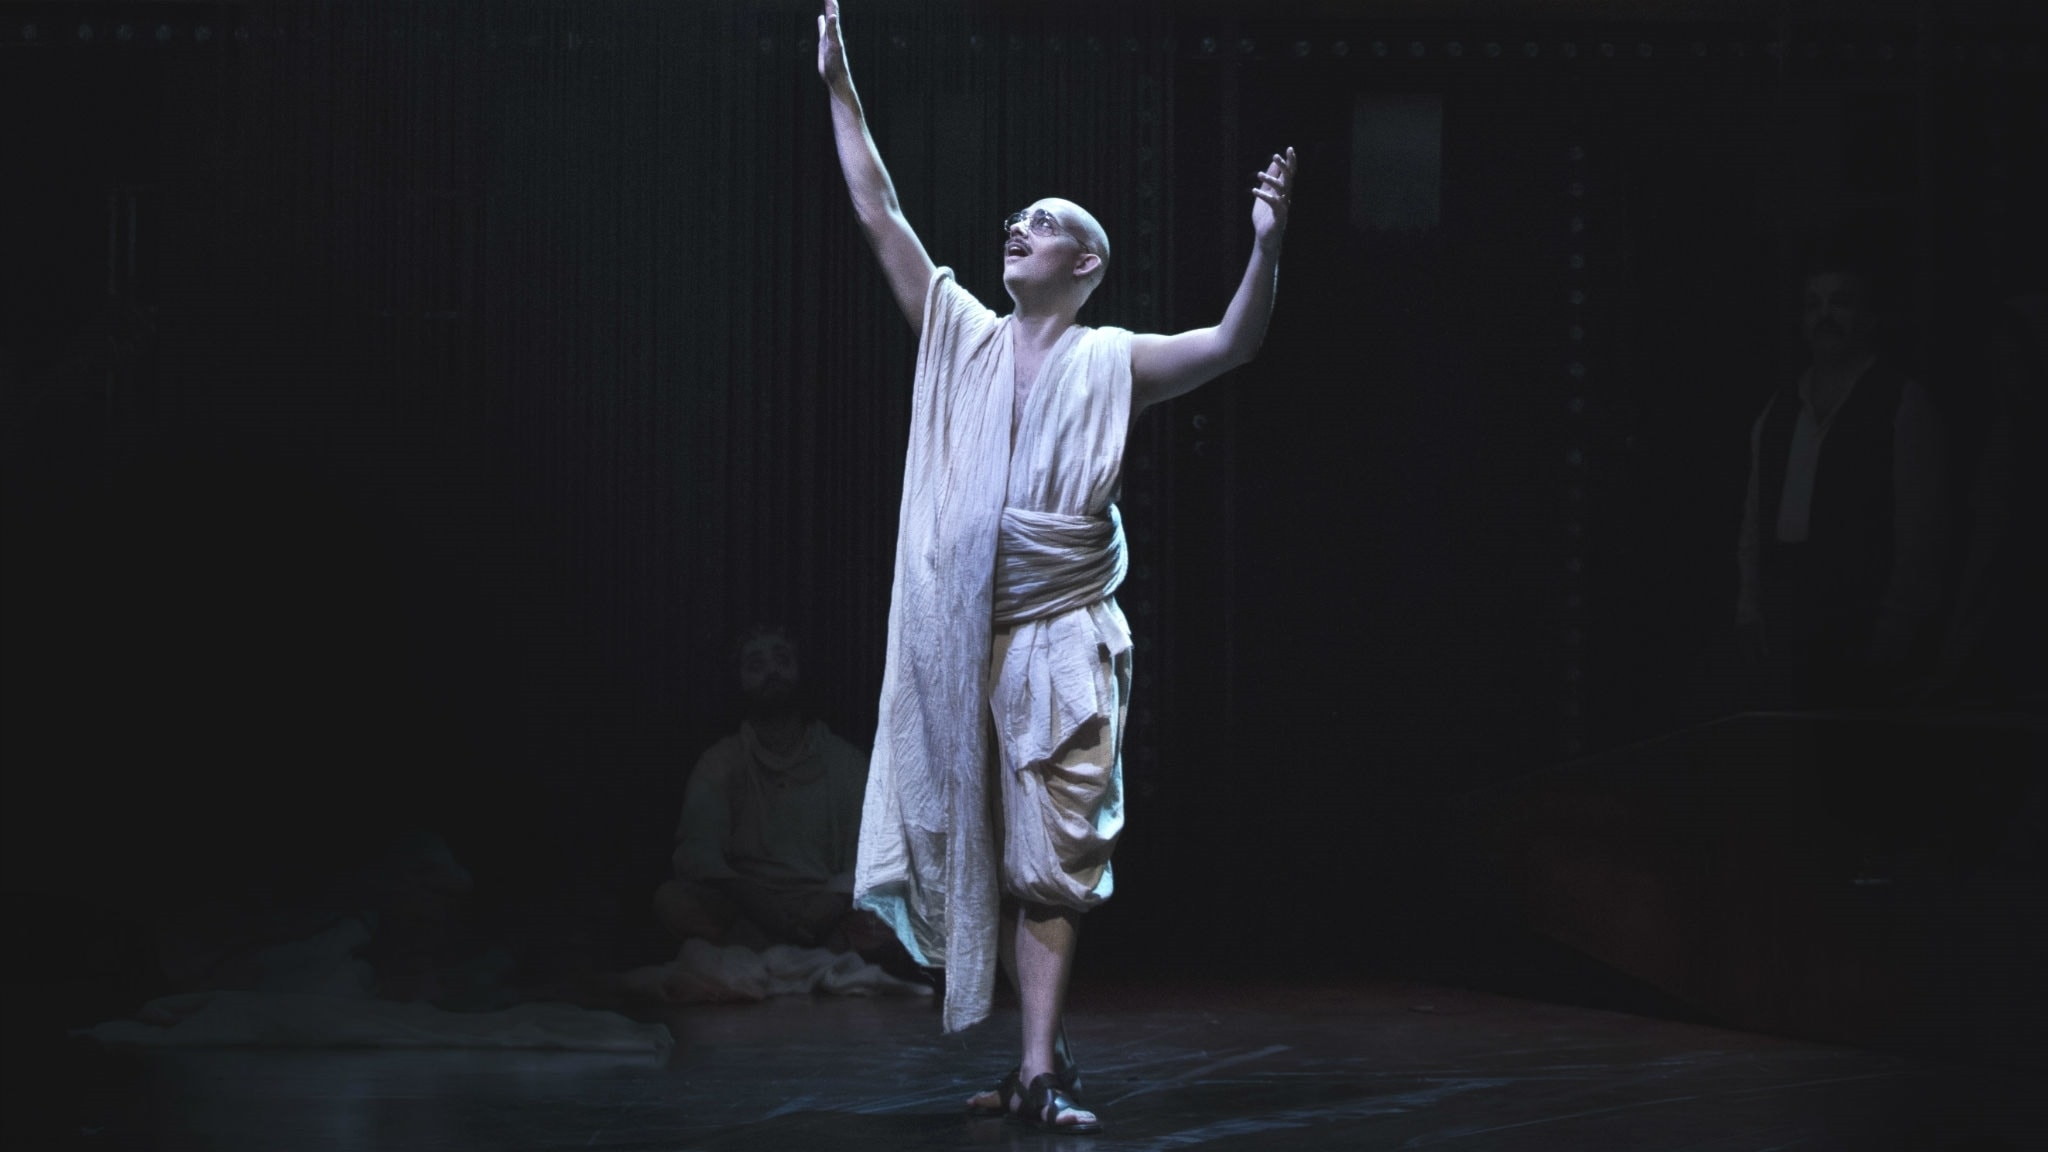 Gandhi i Folkoperans föreställning Satyagraha.